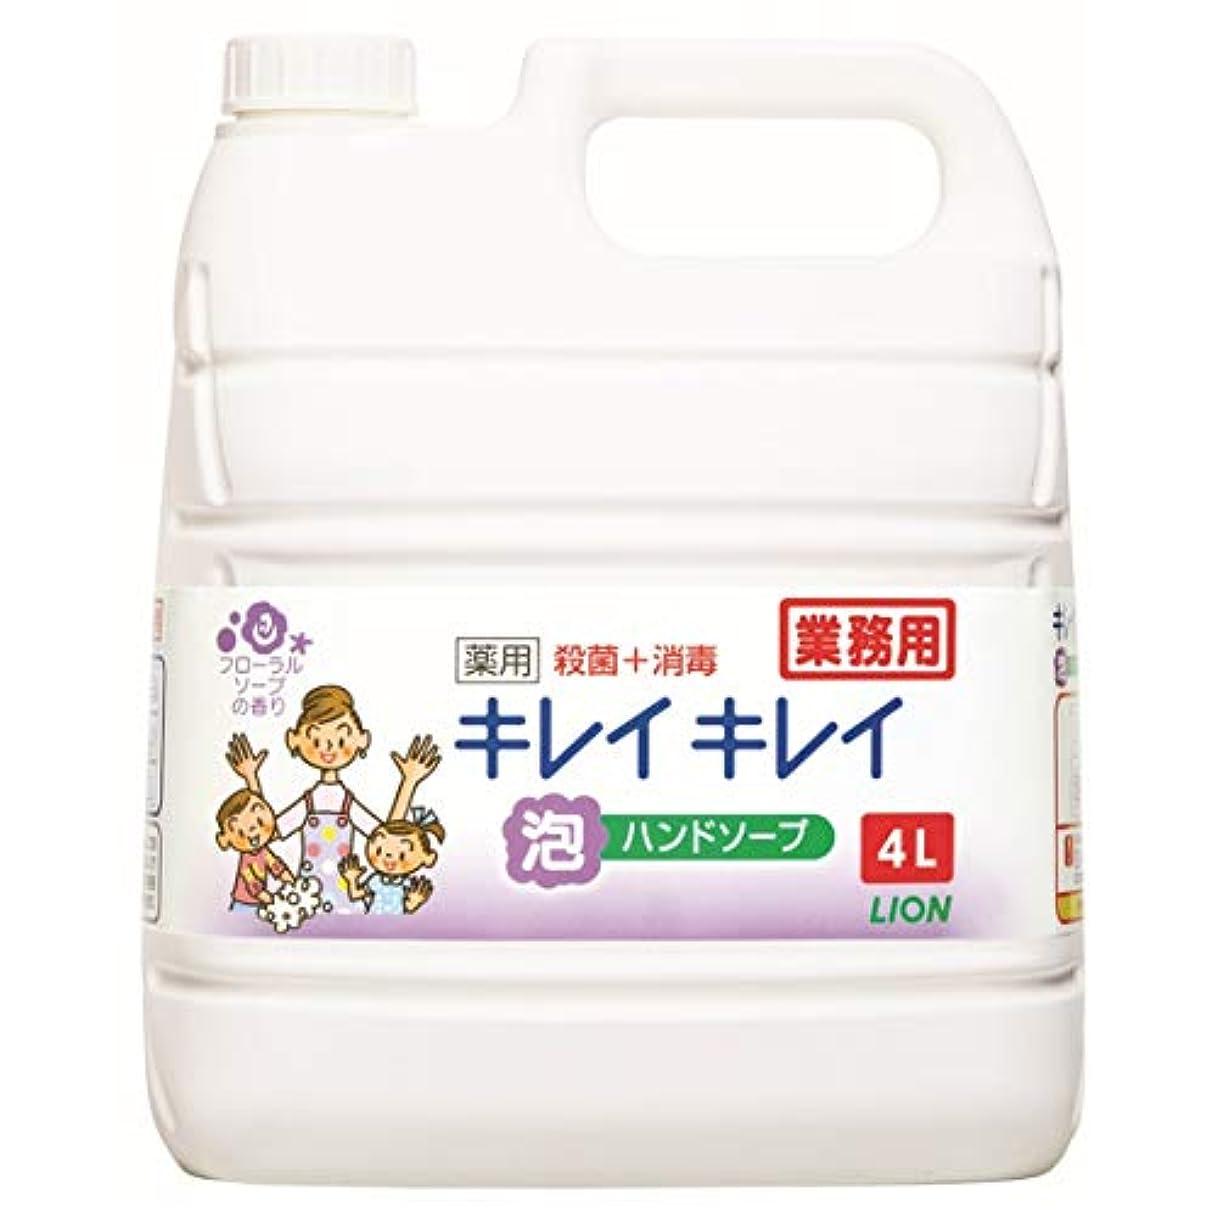 未接続オペレーターなんとなく【業務用 大容量】キレイキレイ 薬用 泡ハンドソープフローラルソープの香り 4L(医薬部外品)